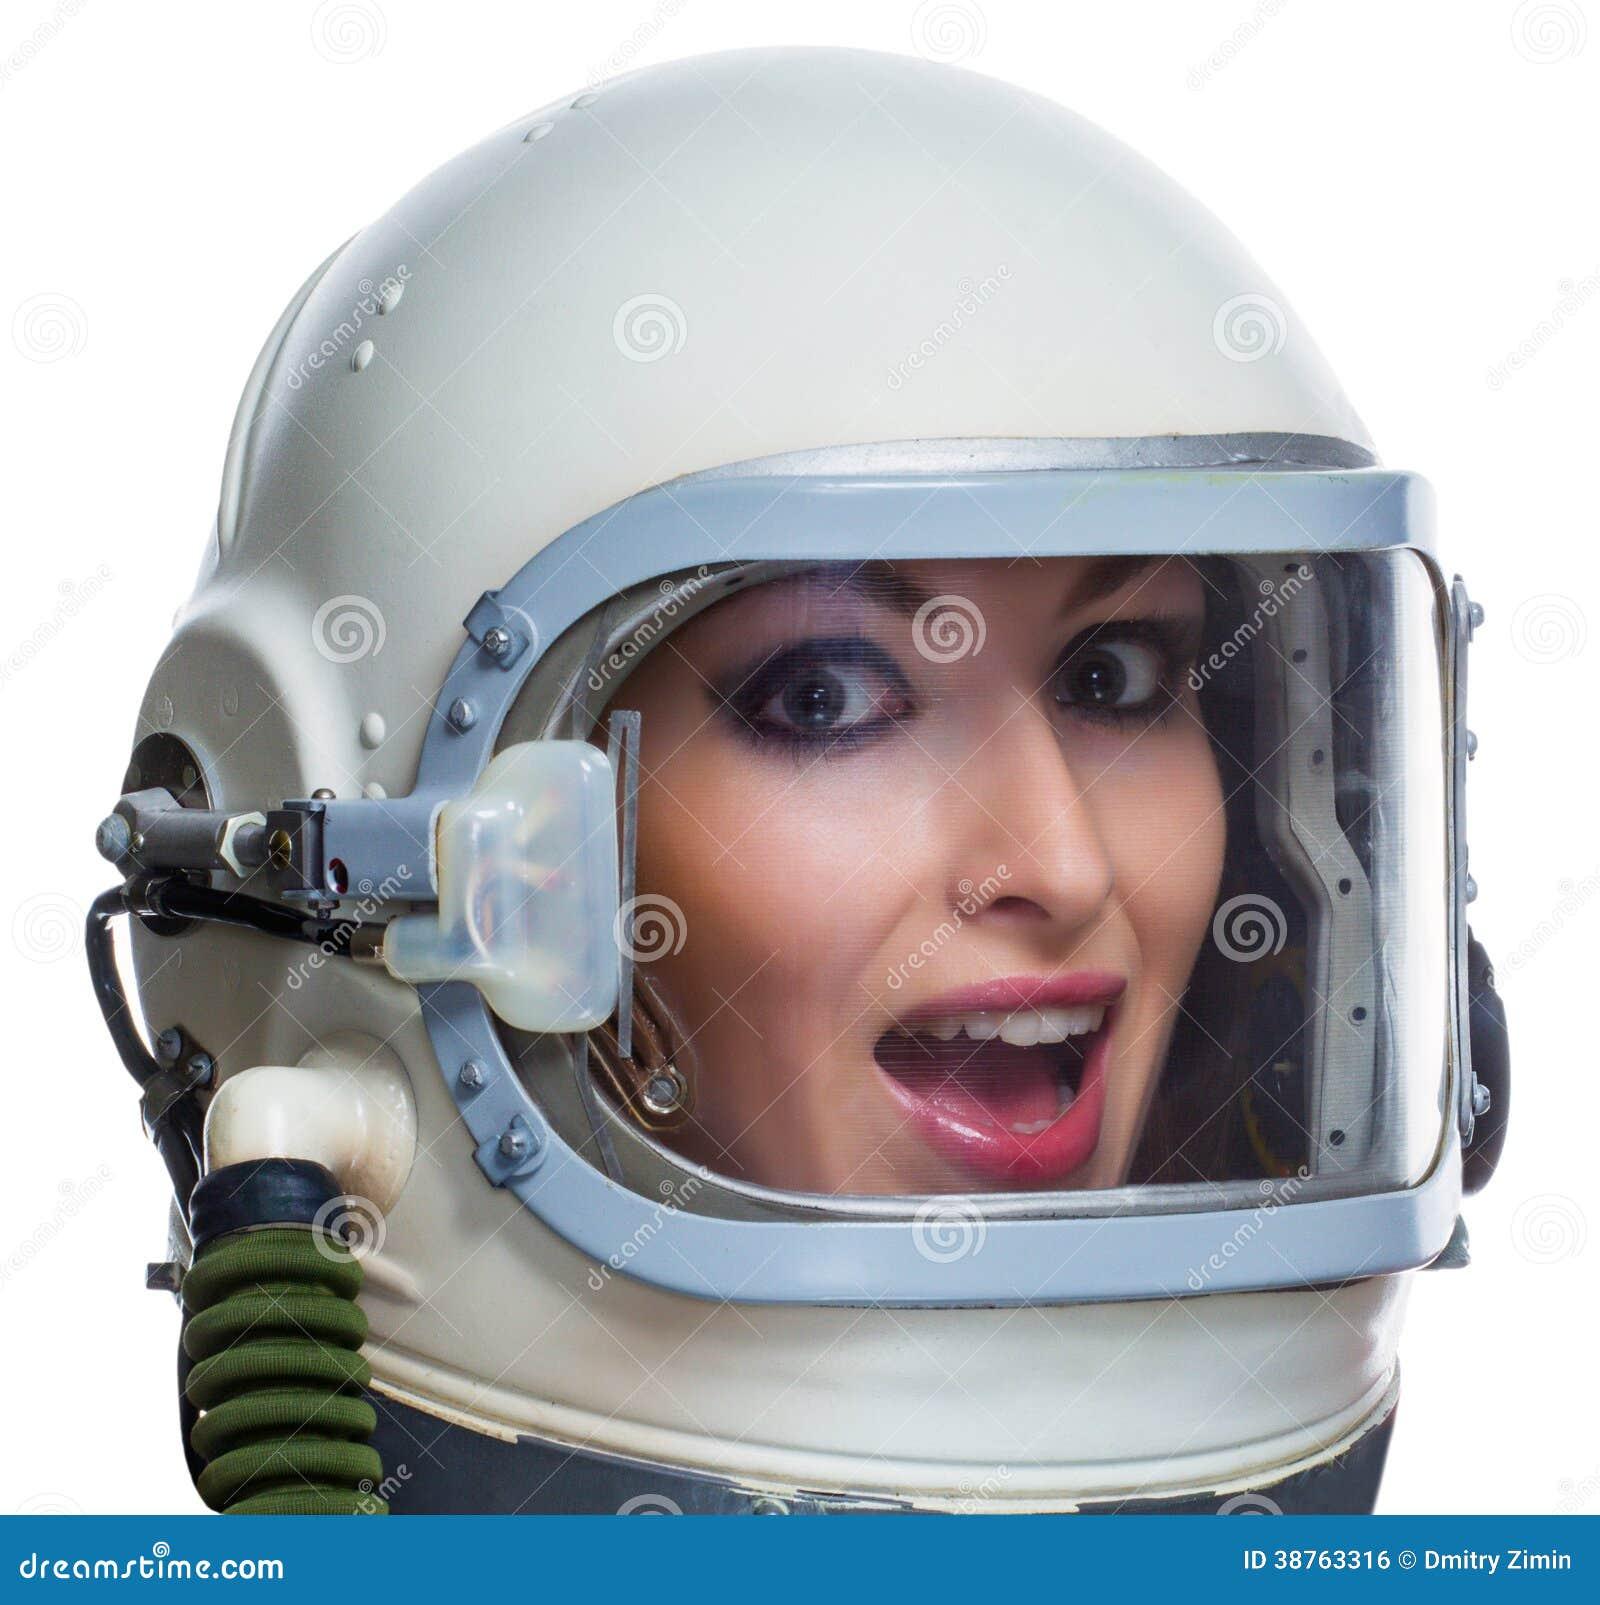 girl in astronaut helmet - photo #25